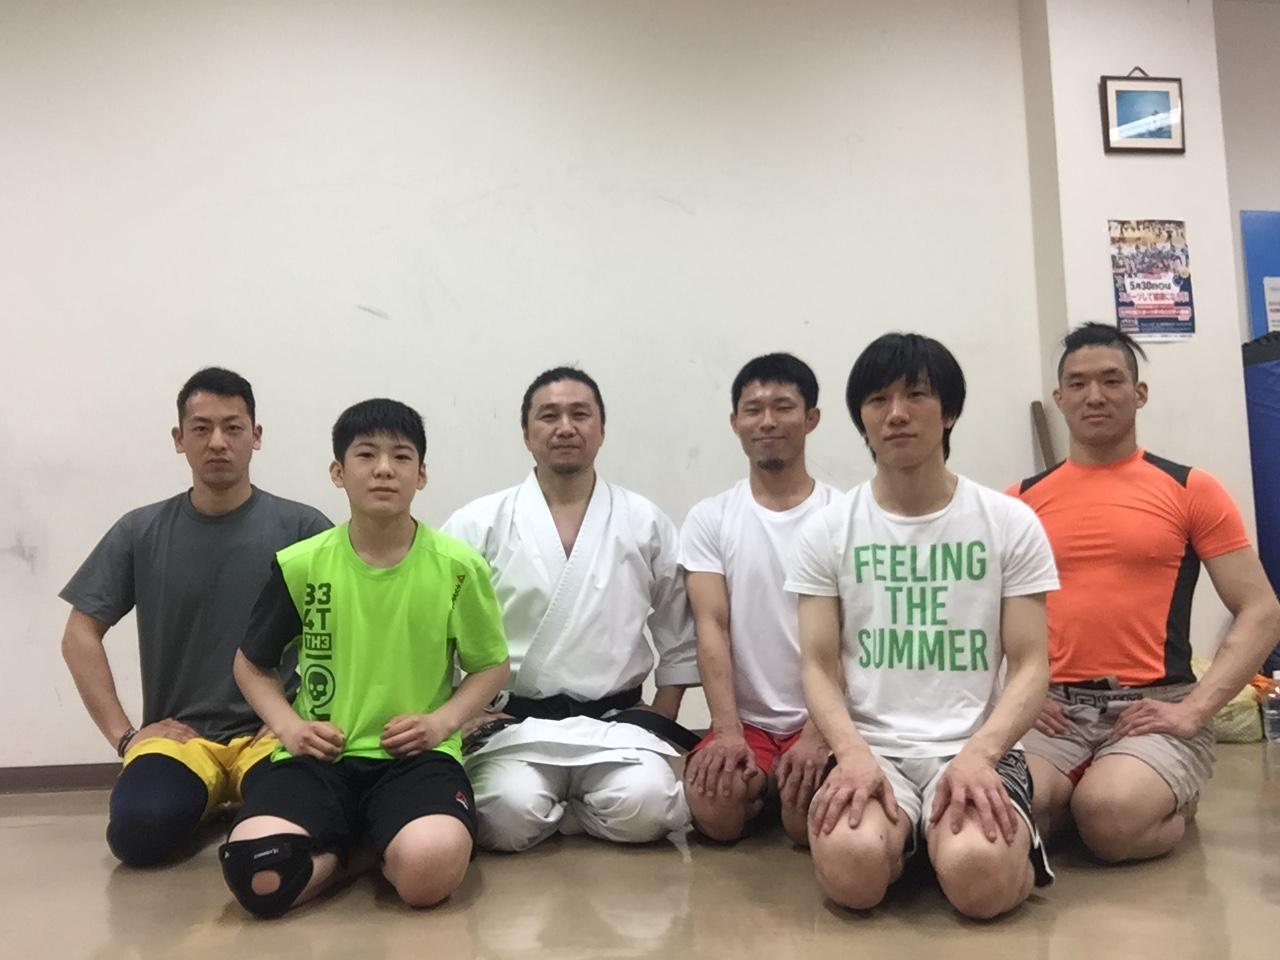 武道空手研究会を主催。格闘技選手らに指導。